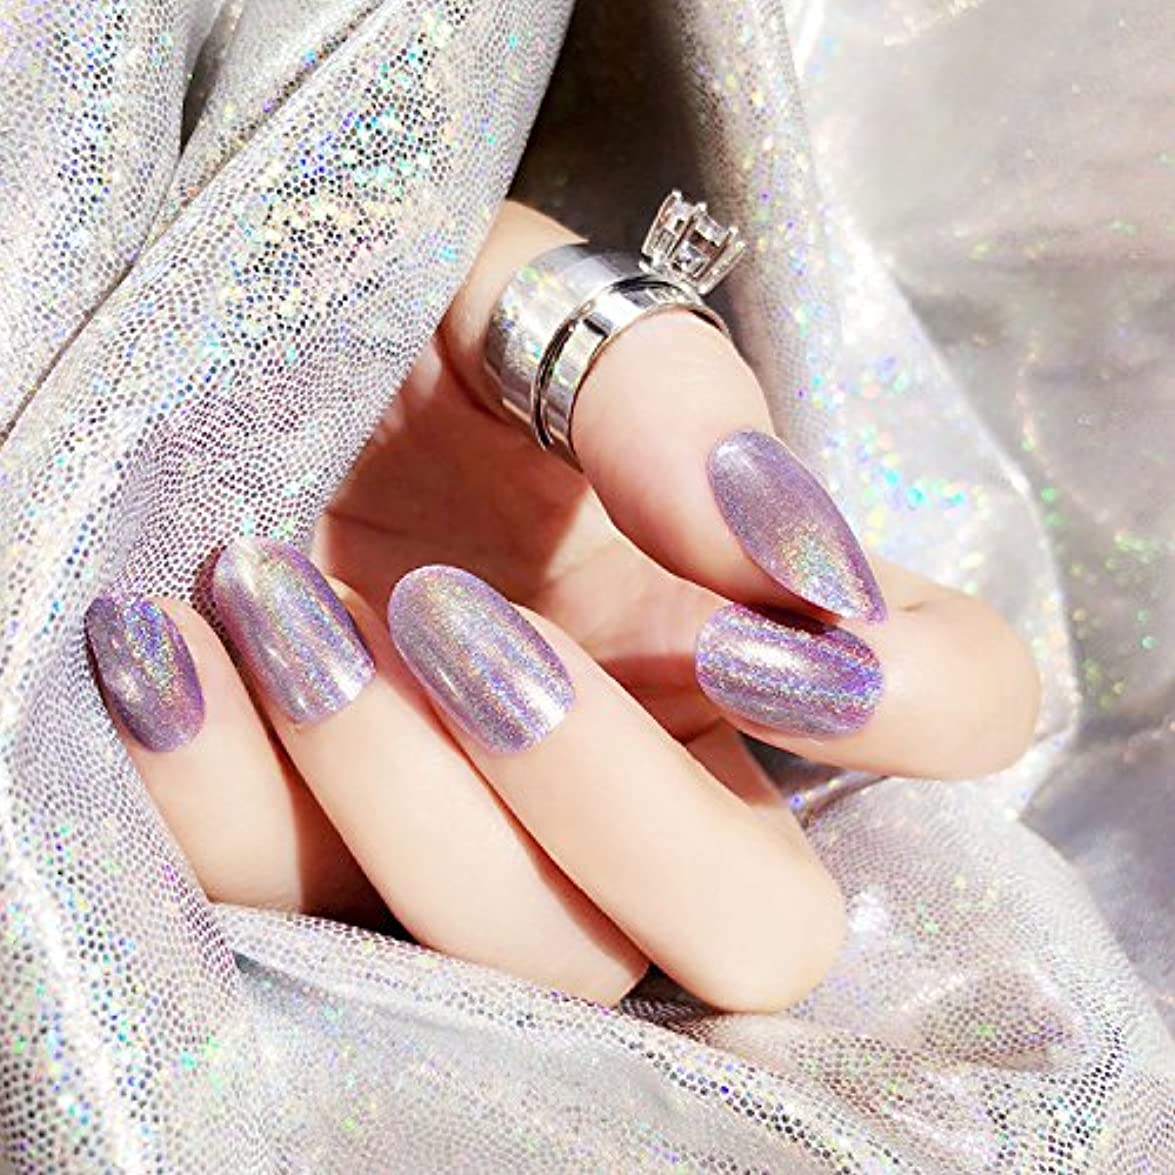 怠感一晩ガム質感 彩がつく 24枚純色付け爪 ネイル貼るだけネイルチップ レーザー 多重光沢 お花嫁付け爪 ジェルネイルの光疗法 シンフォニー (バラの紫)